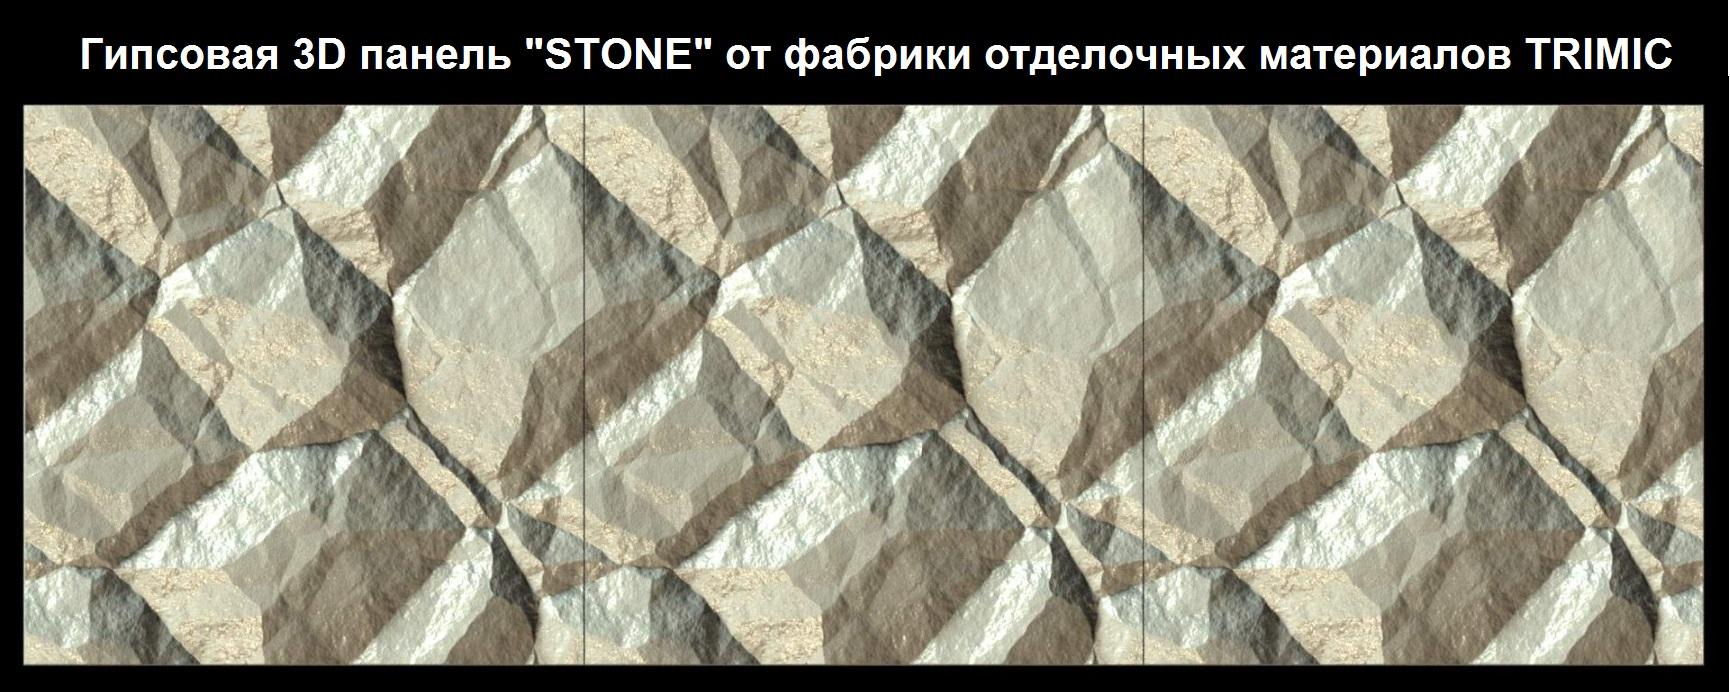 """Гипсовая 3D панель """"STONE"""""""